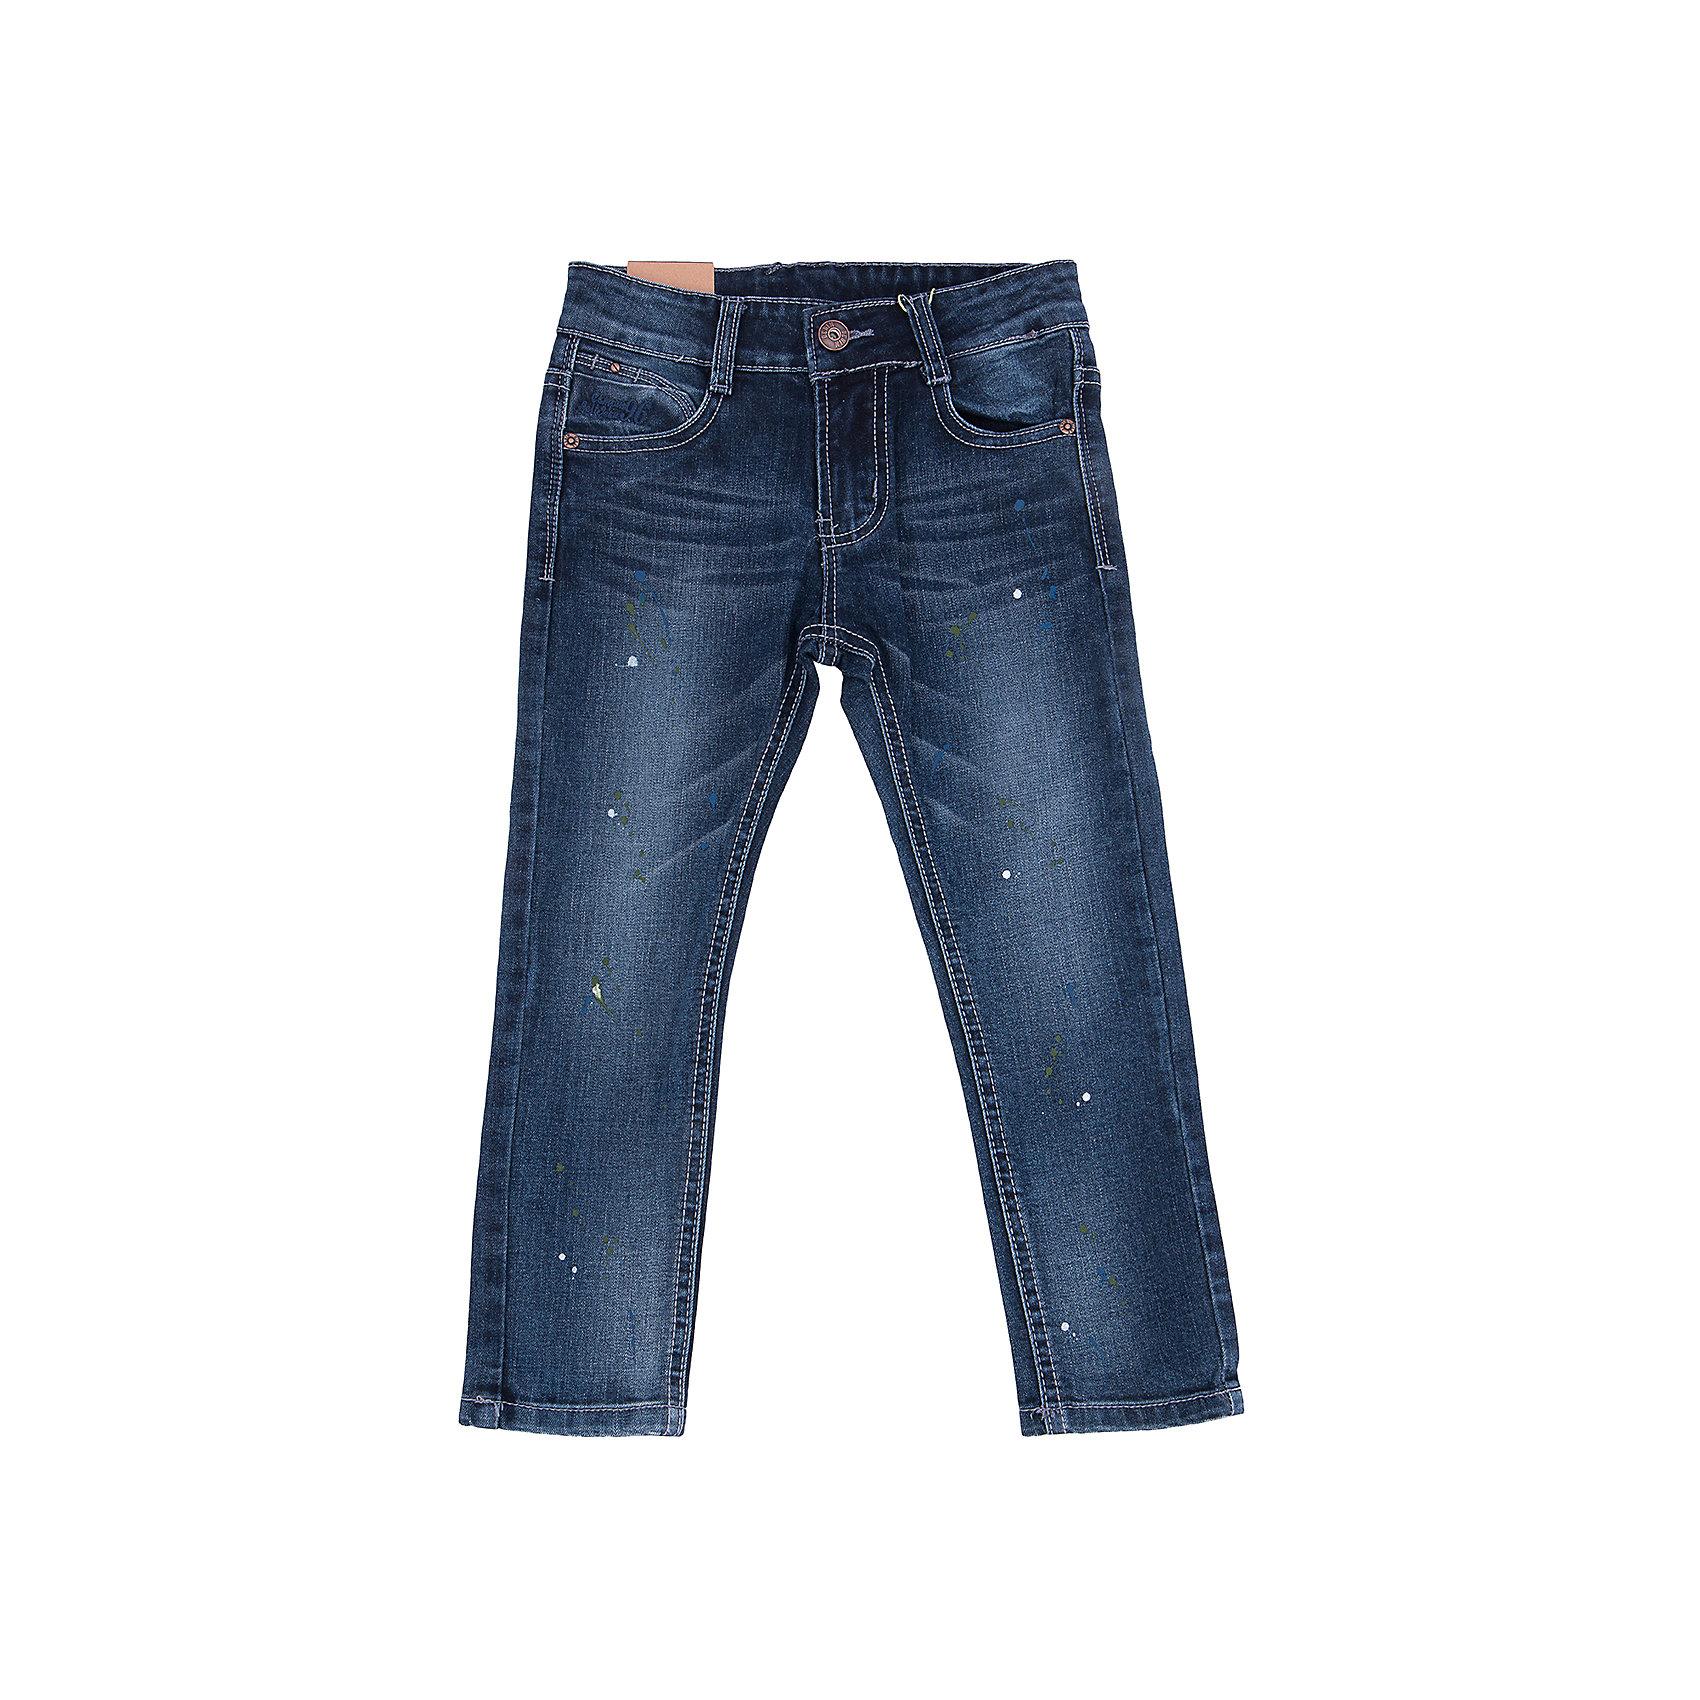 Джинсы для мальчика Sweet BerryДжинсы<br>Такая модель джинсов для мальчика отличается модным дизайном с контрастной прострочкой и потертостями. Удачный крой обеспечит ребенку комфорт и тепло. Джинсы плотно прилегают к телу там, где нужно, и отлично сидят по фигуре. Они имеют удобный пояс с регулировкой внутри и карманы. Натуральный хлопок в составе ткани обеспечит коже возможность дышать и не вызовет аллергии.<br>Одежда от бренда Sweet Berry - это простой и выгодный способ одеть ребенка удобно и стильно. Всё изделия тщательно проработаны: швы - прочные, материал - качественный, фурнитура - подобранная специально для детей. <br><br>Дополнительная информация:<br><br>цвет: синий;<br>имитация потертостей;<br>материал: 98% хлопок, 2% эластан;<br>пояс с регулировкой внутри.<br><br>Джинсы для мальчика от бренда Sweet Berry можно купить в нашем интернет-магазине.<br><br>Ширина мм: 215<br>Глубина мм: 88<br>Высота мм: 191<br>Вес г: 336<br>Цвет: синий<br>Возраст от месяцев: 24<br>Возраст до месяцев: 36<br>Пол: Мужской<br>Возраст: Детский<br>Размер: 98,104,110,116,122,128<br>SKU: 4930732